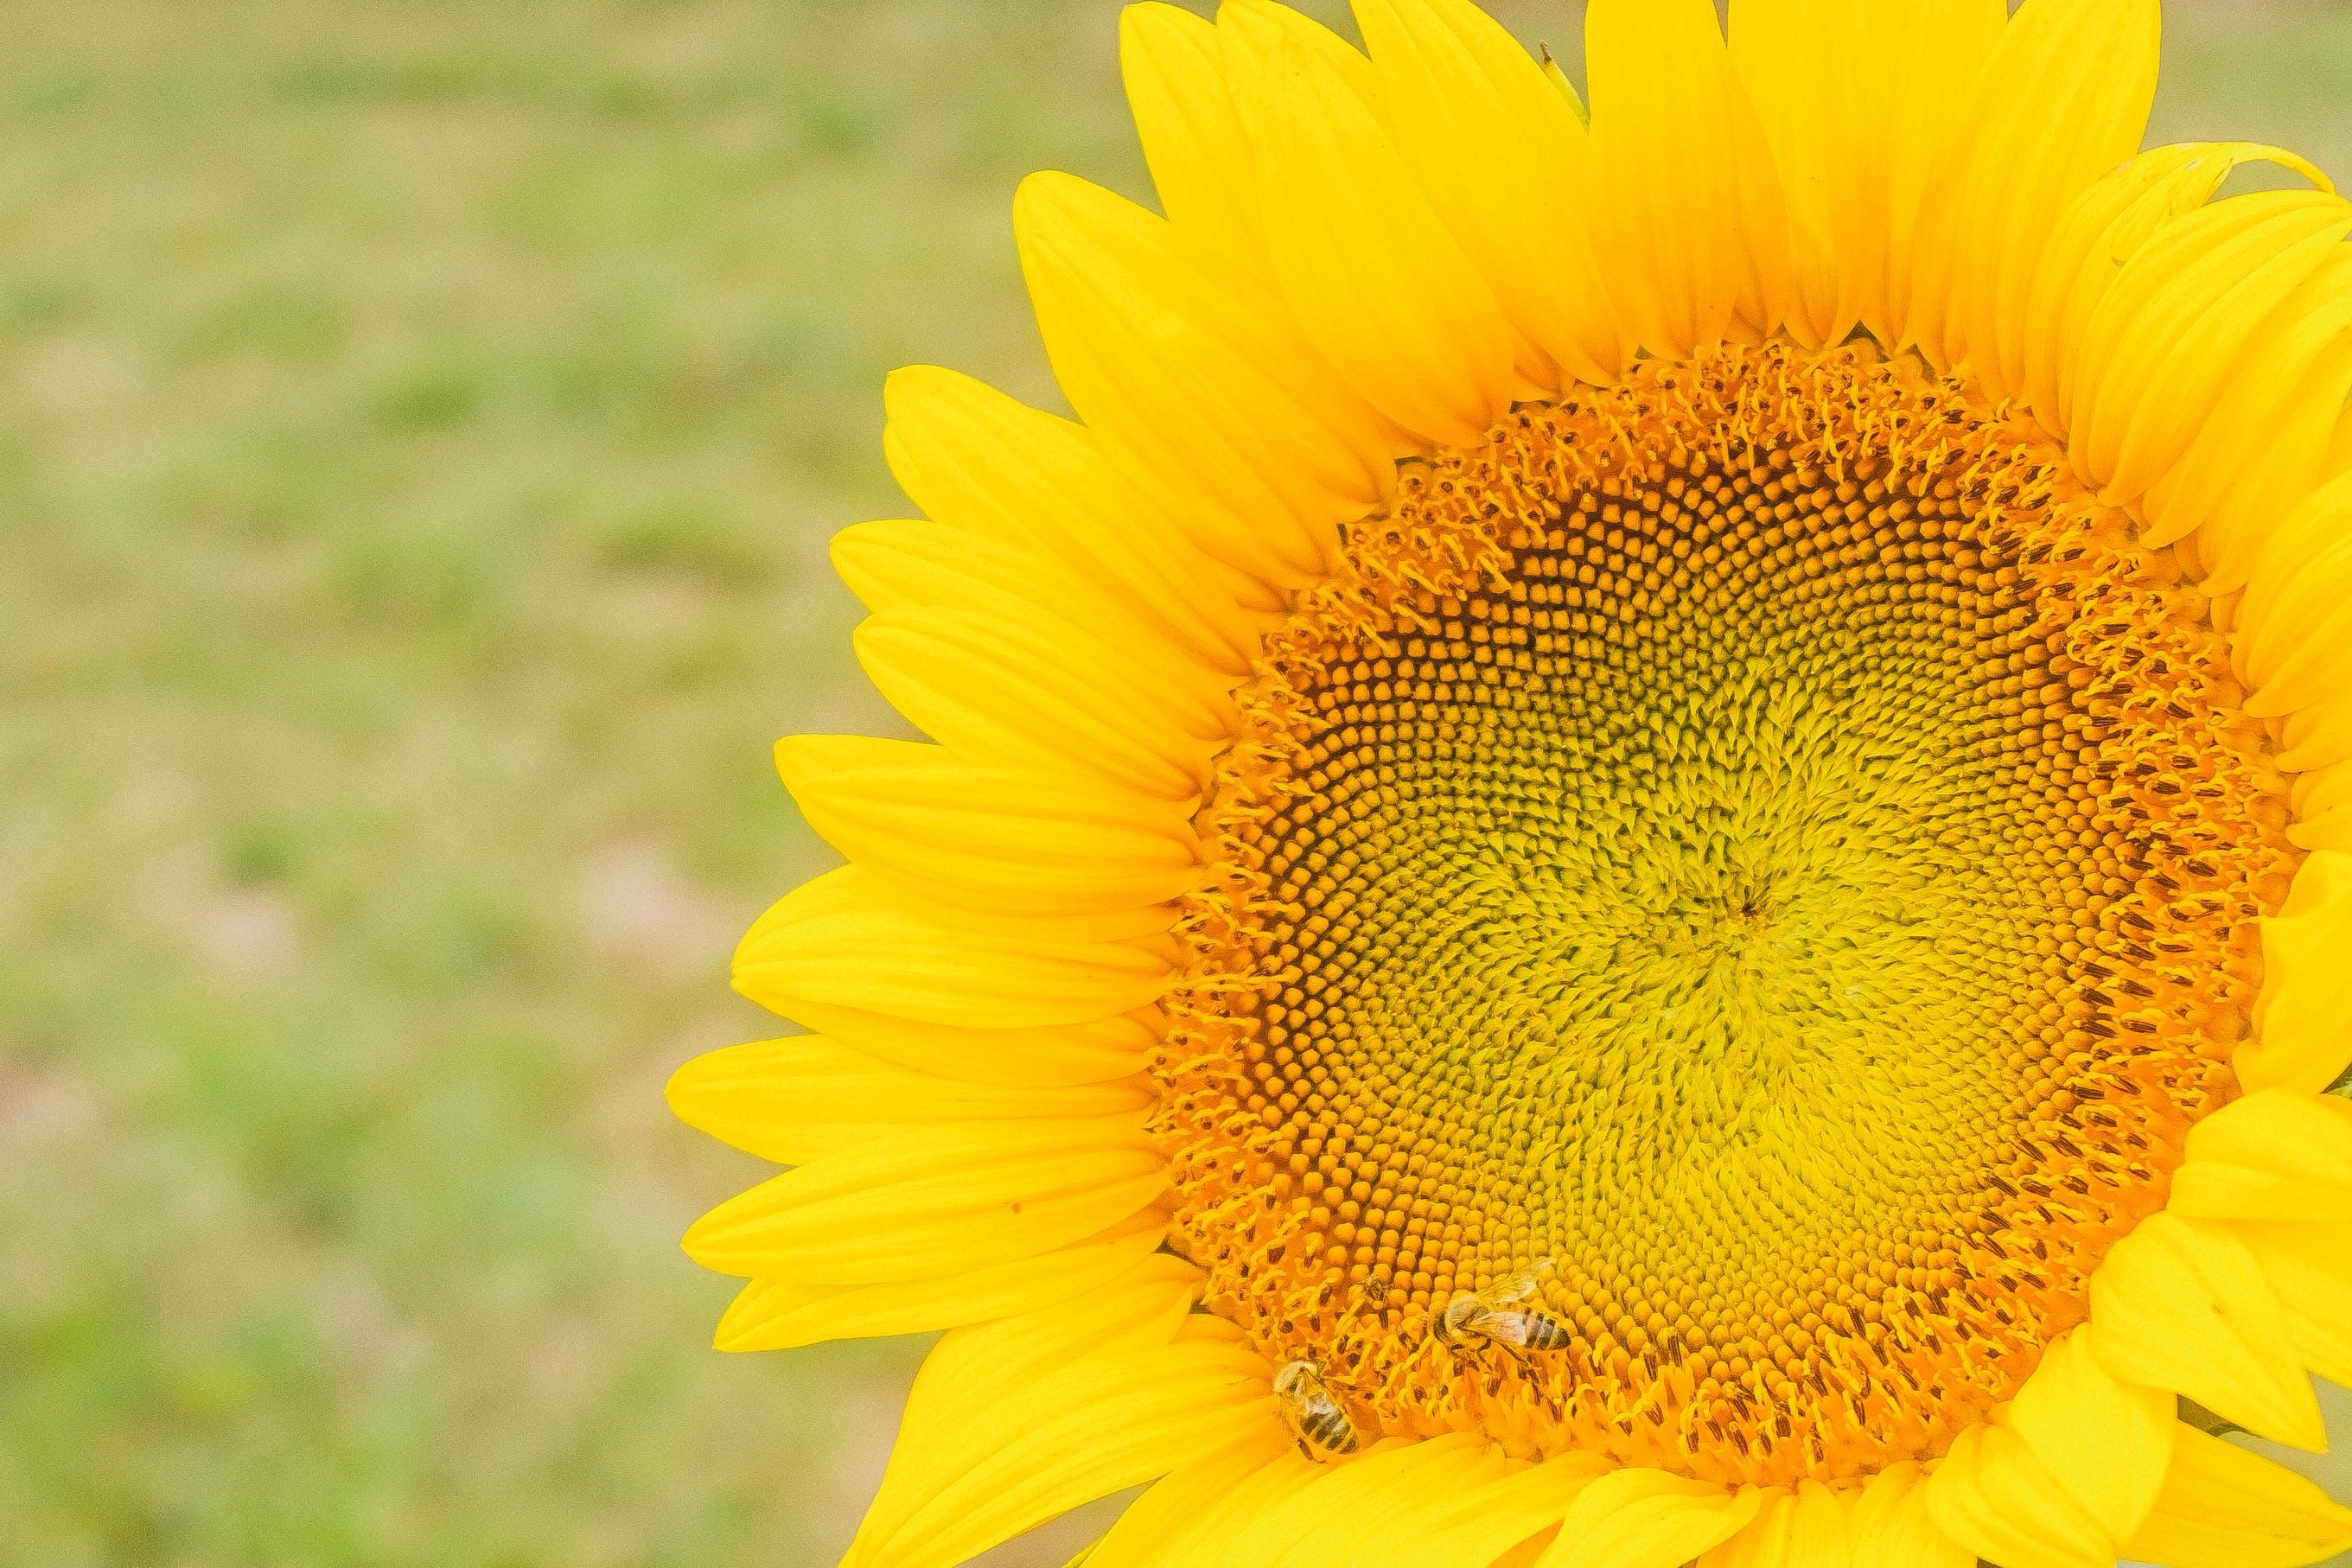 Foto d'estoc gratuïta de #yellow, flor, gira-sol